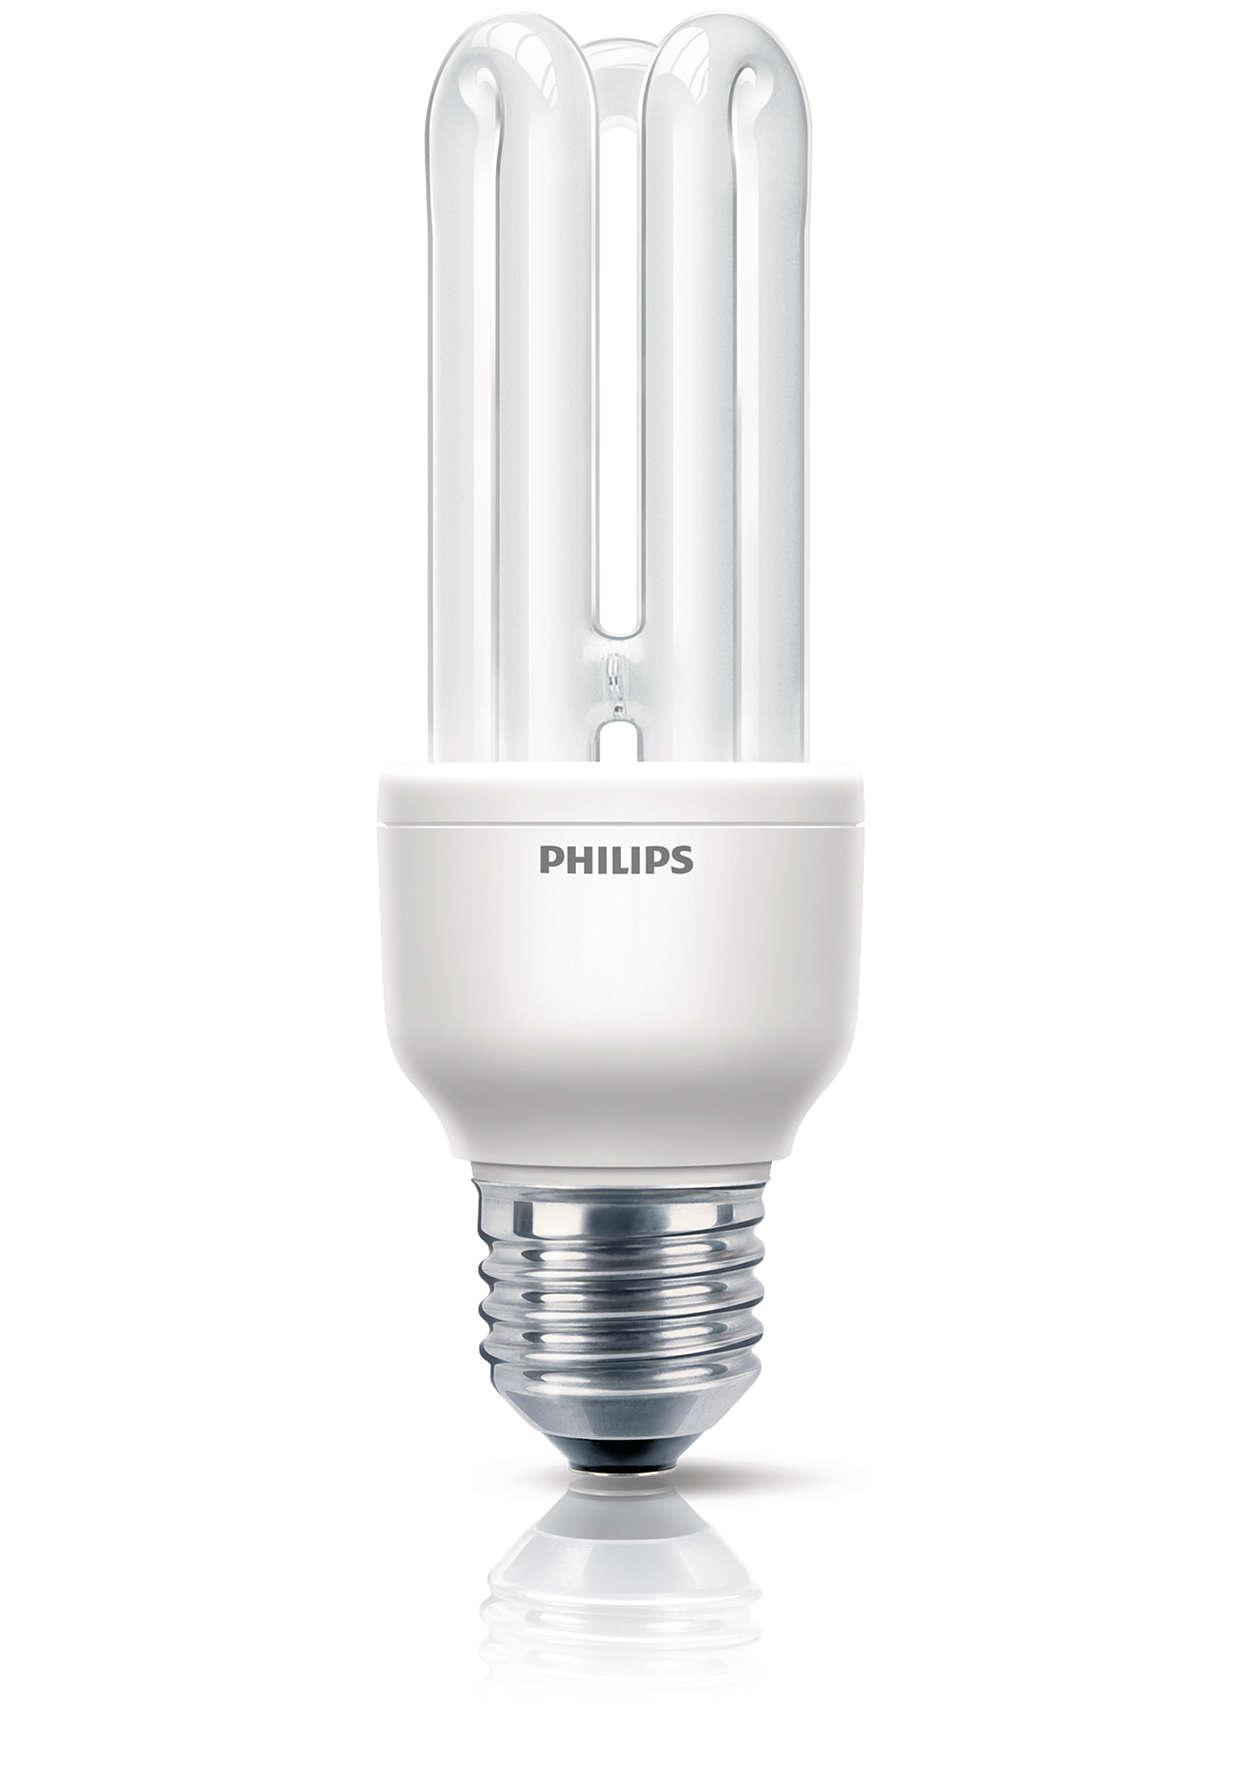 Philips-laatua edullisesti jokapäiväiseen käyttöön